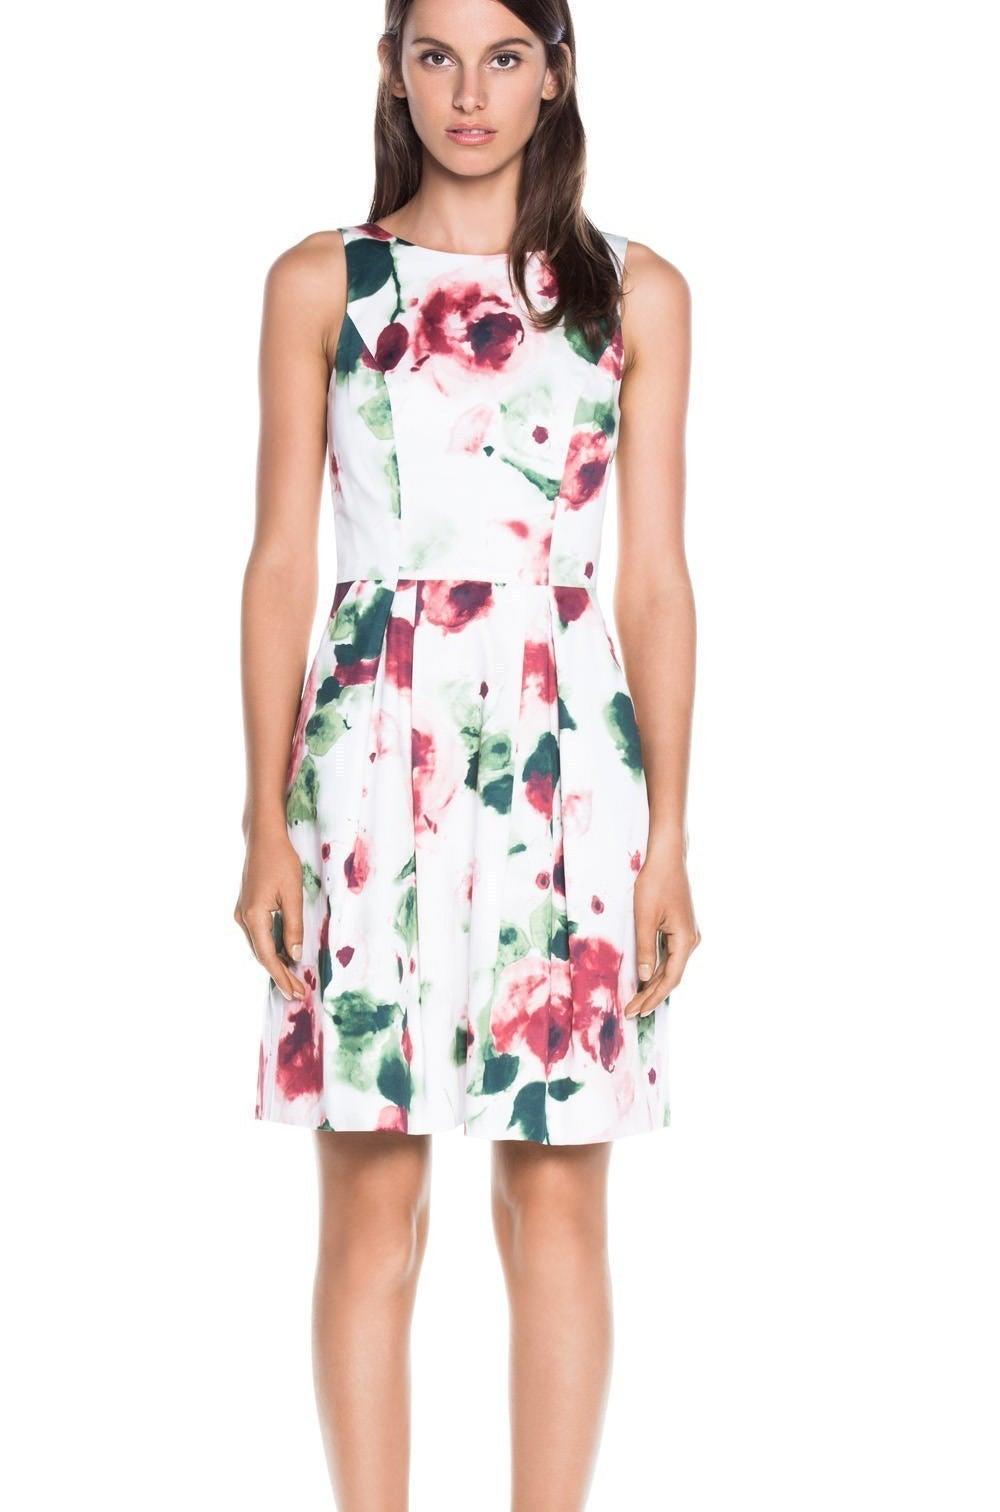 Dress, $90.30